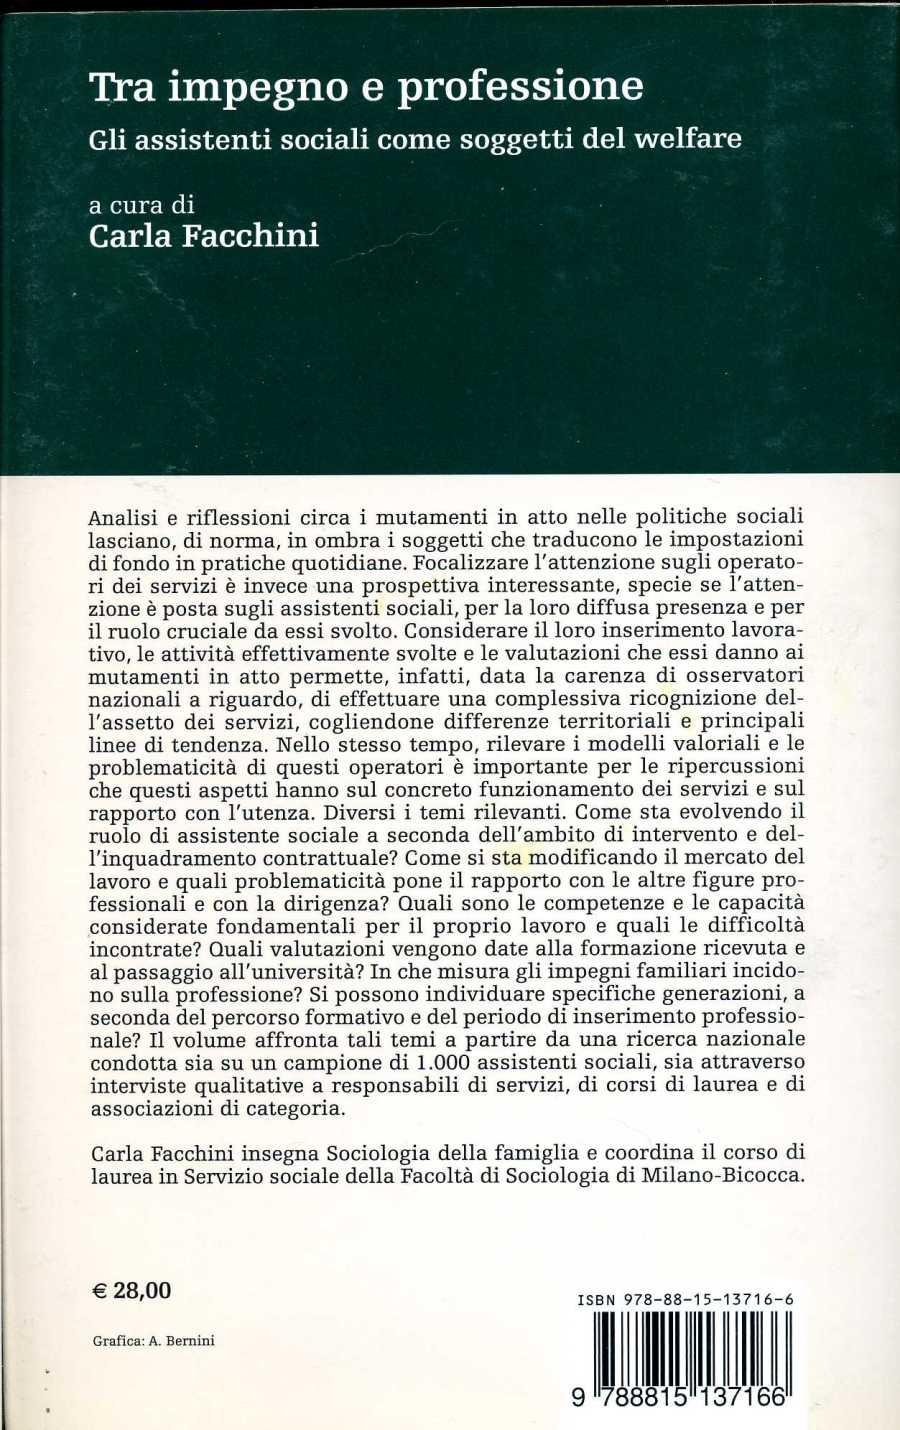 FACCHINI2590